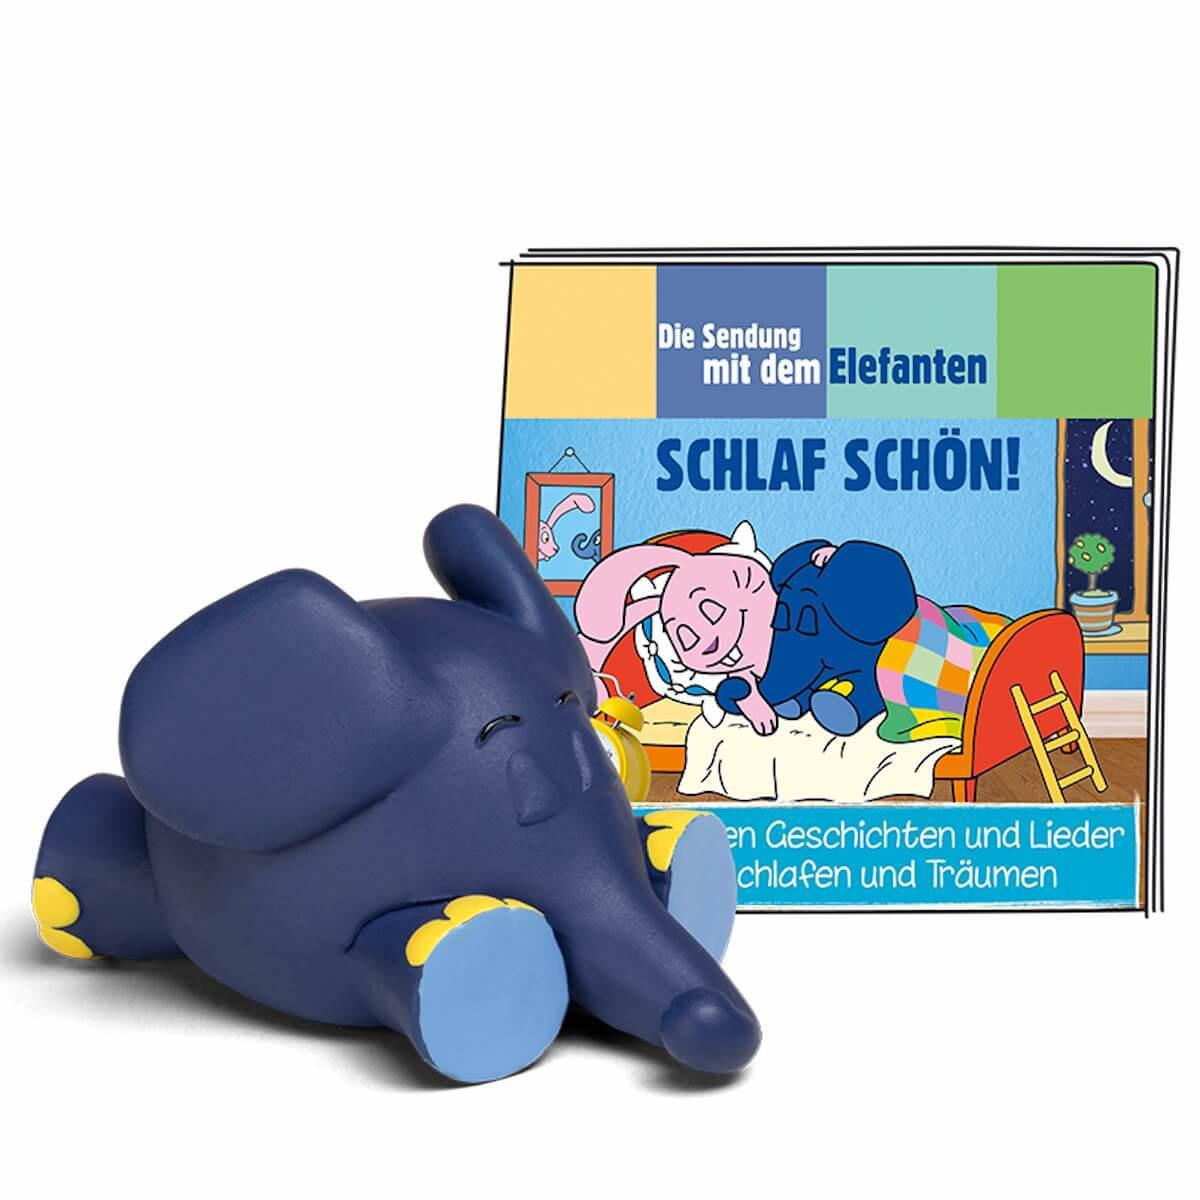 Hörspielfigur TONIES Die Sendung mit dem Elefanten-Schlaf schö